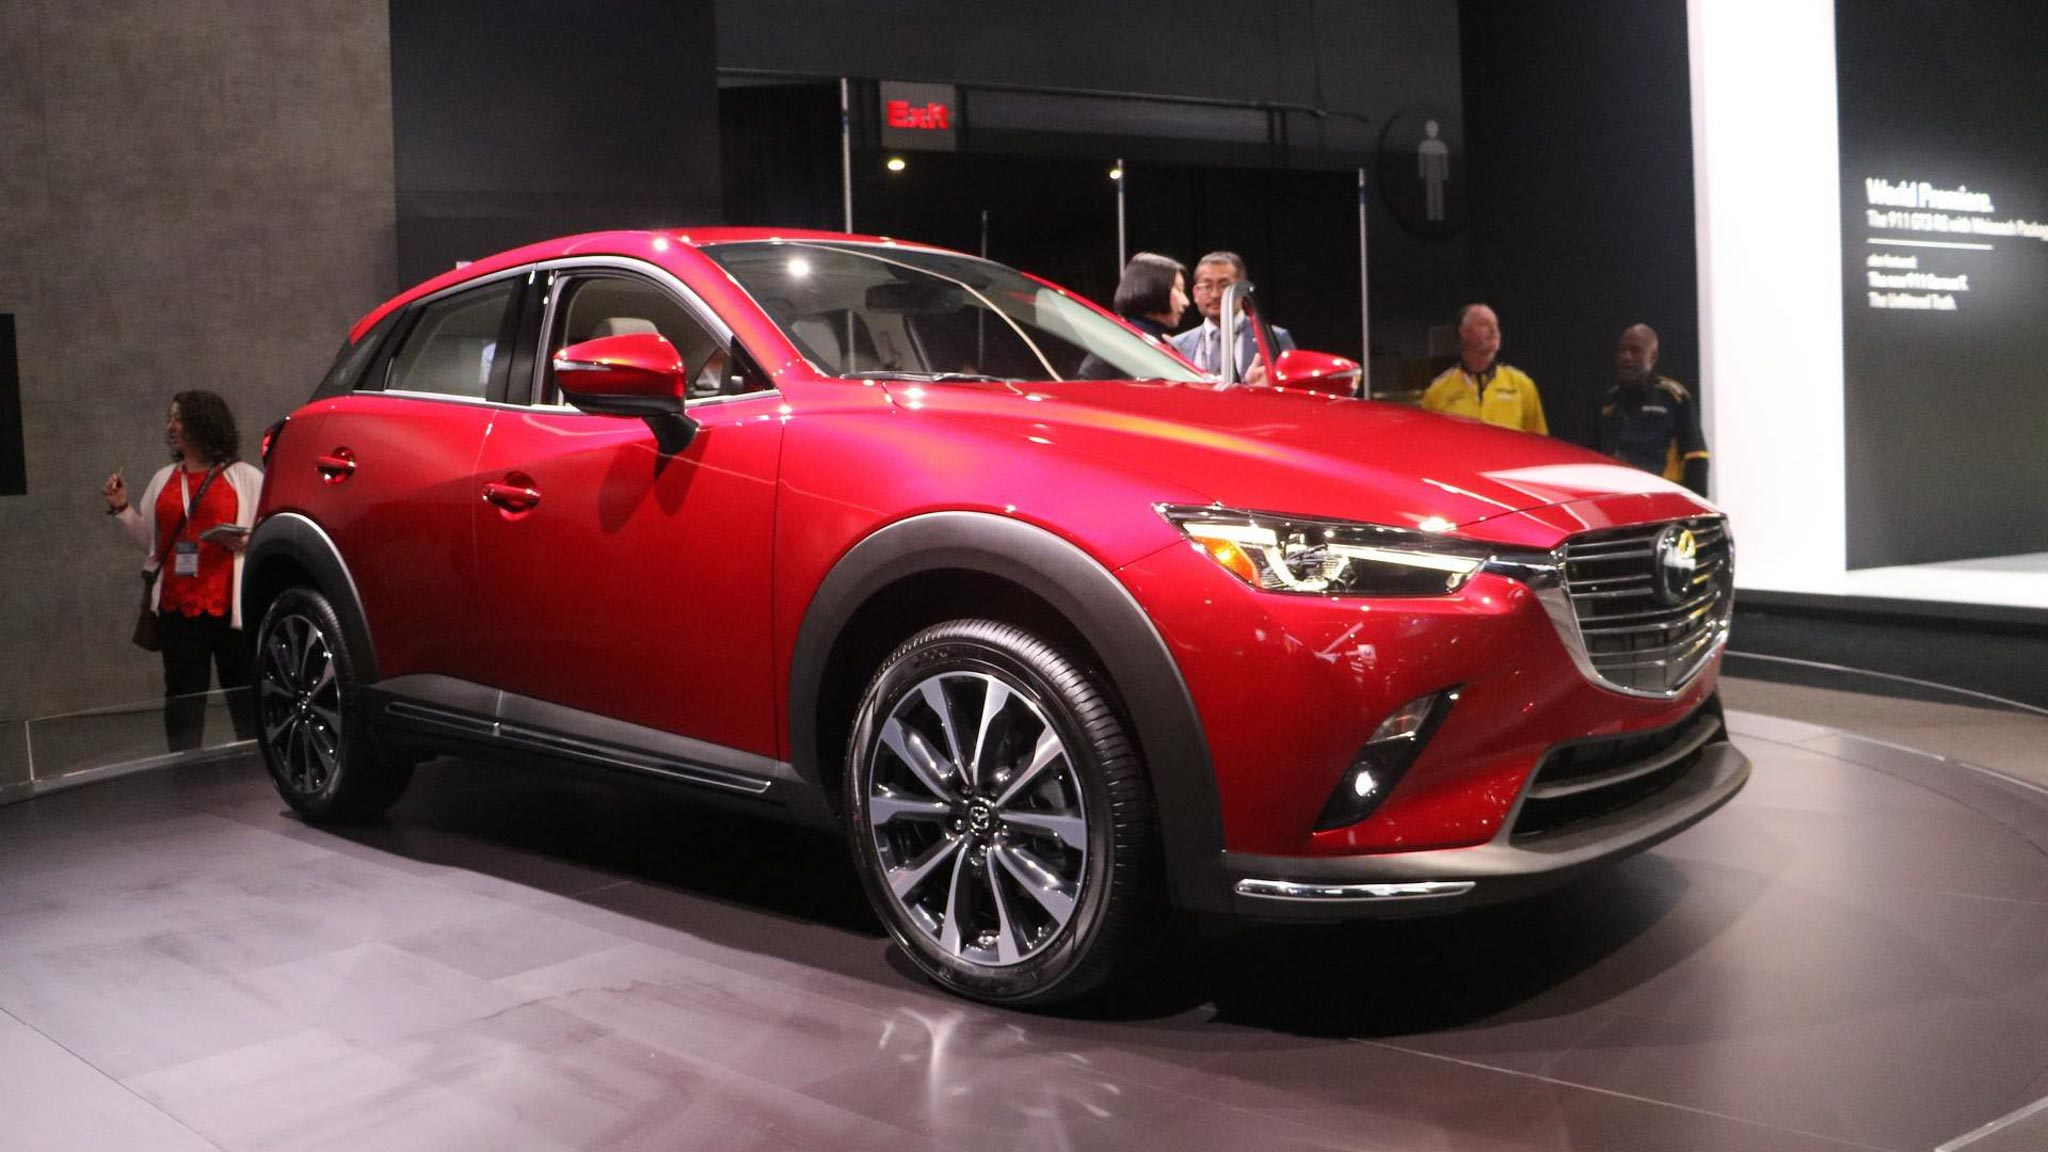 Thị trường xe - Xem trước Mazda CX-3 2019: 'Kẻ ngáng đường' Ford Ecosport (Hình 2).